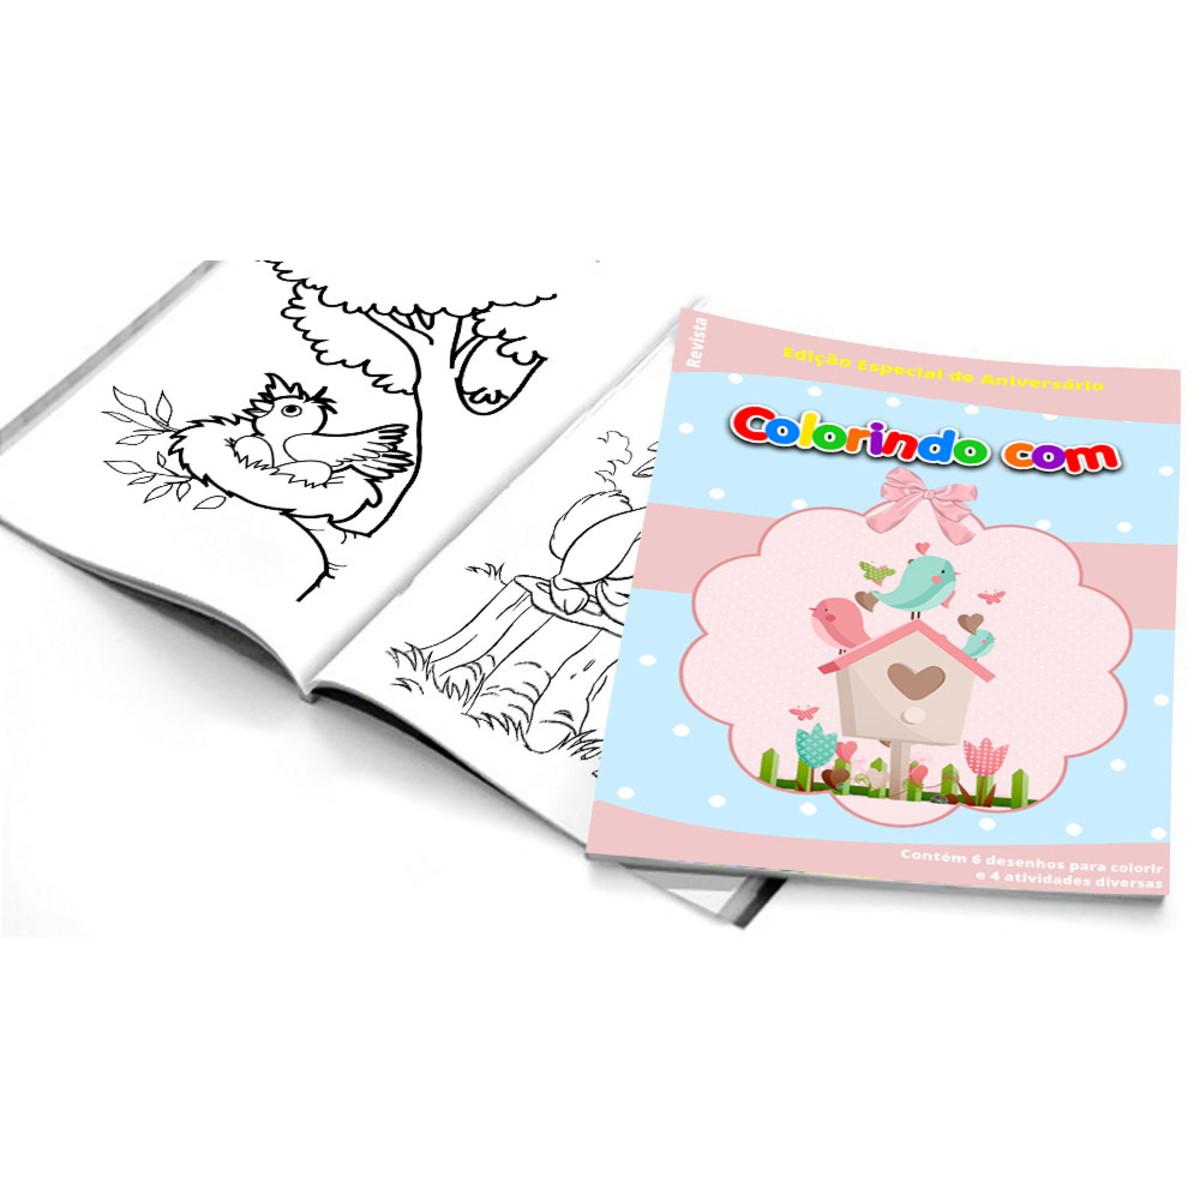 5 Cadernos De Colorir Jardim Encantado No Elo7 Belas Cores